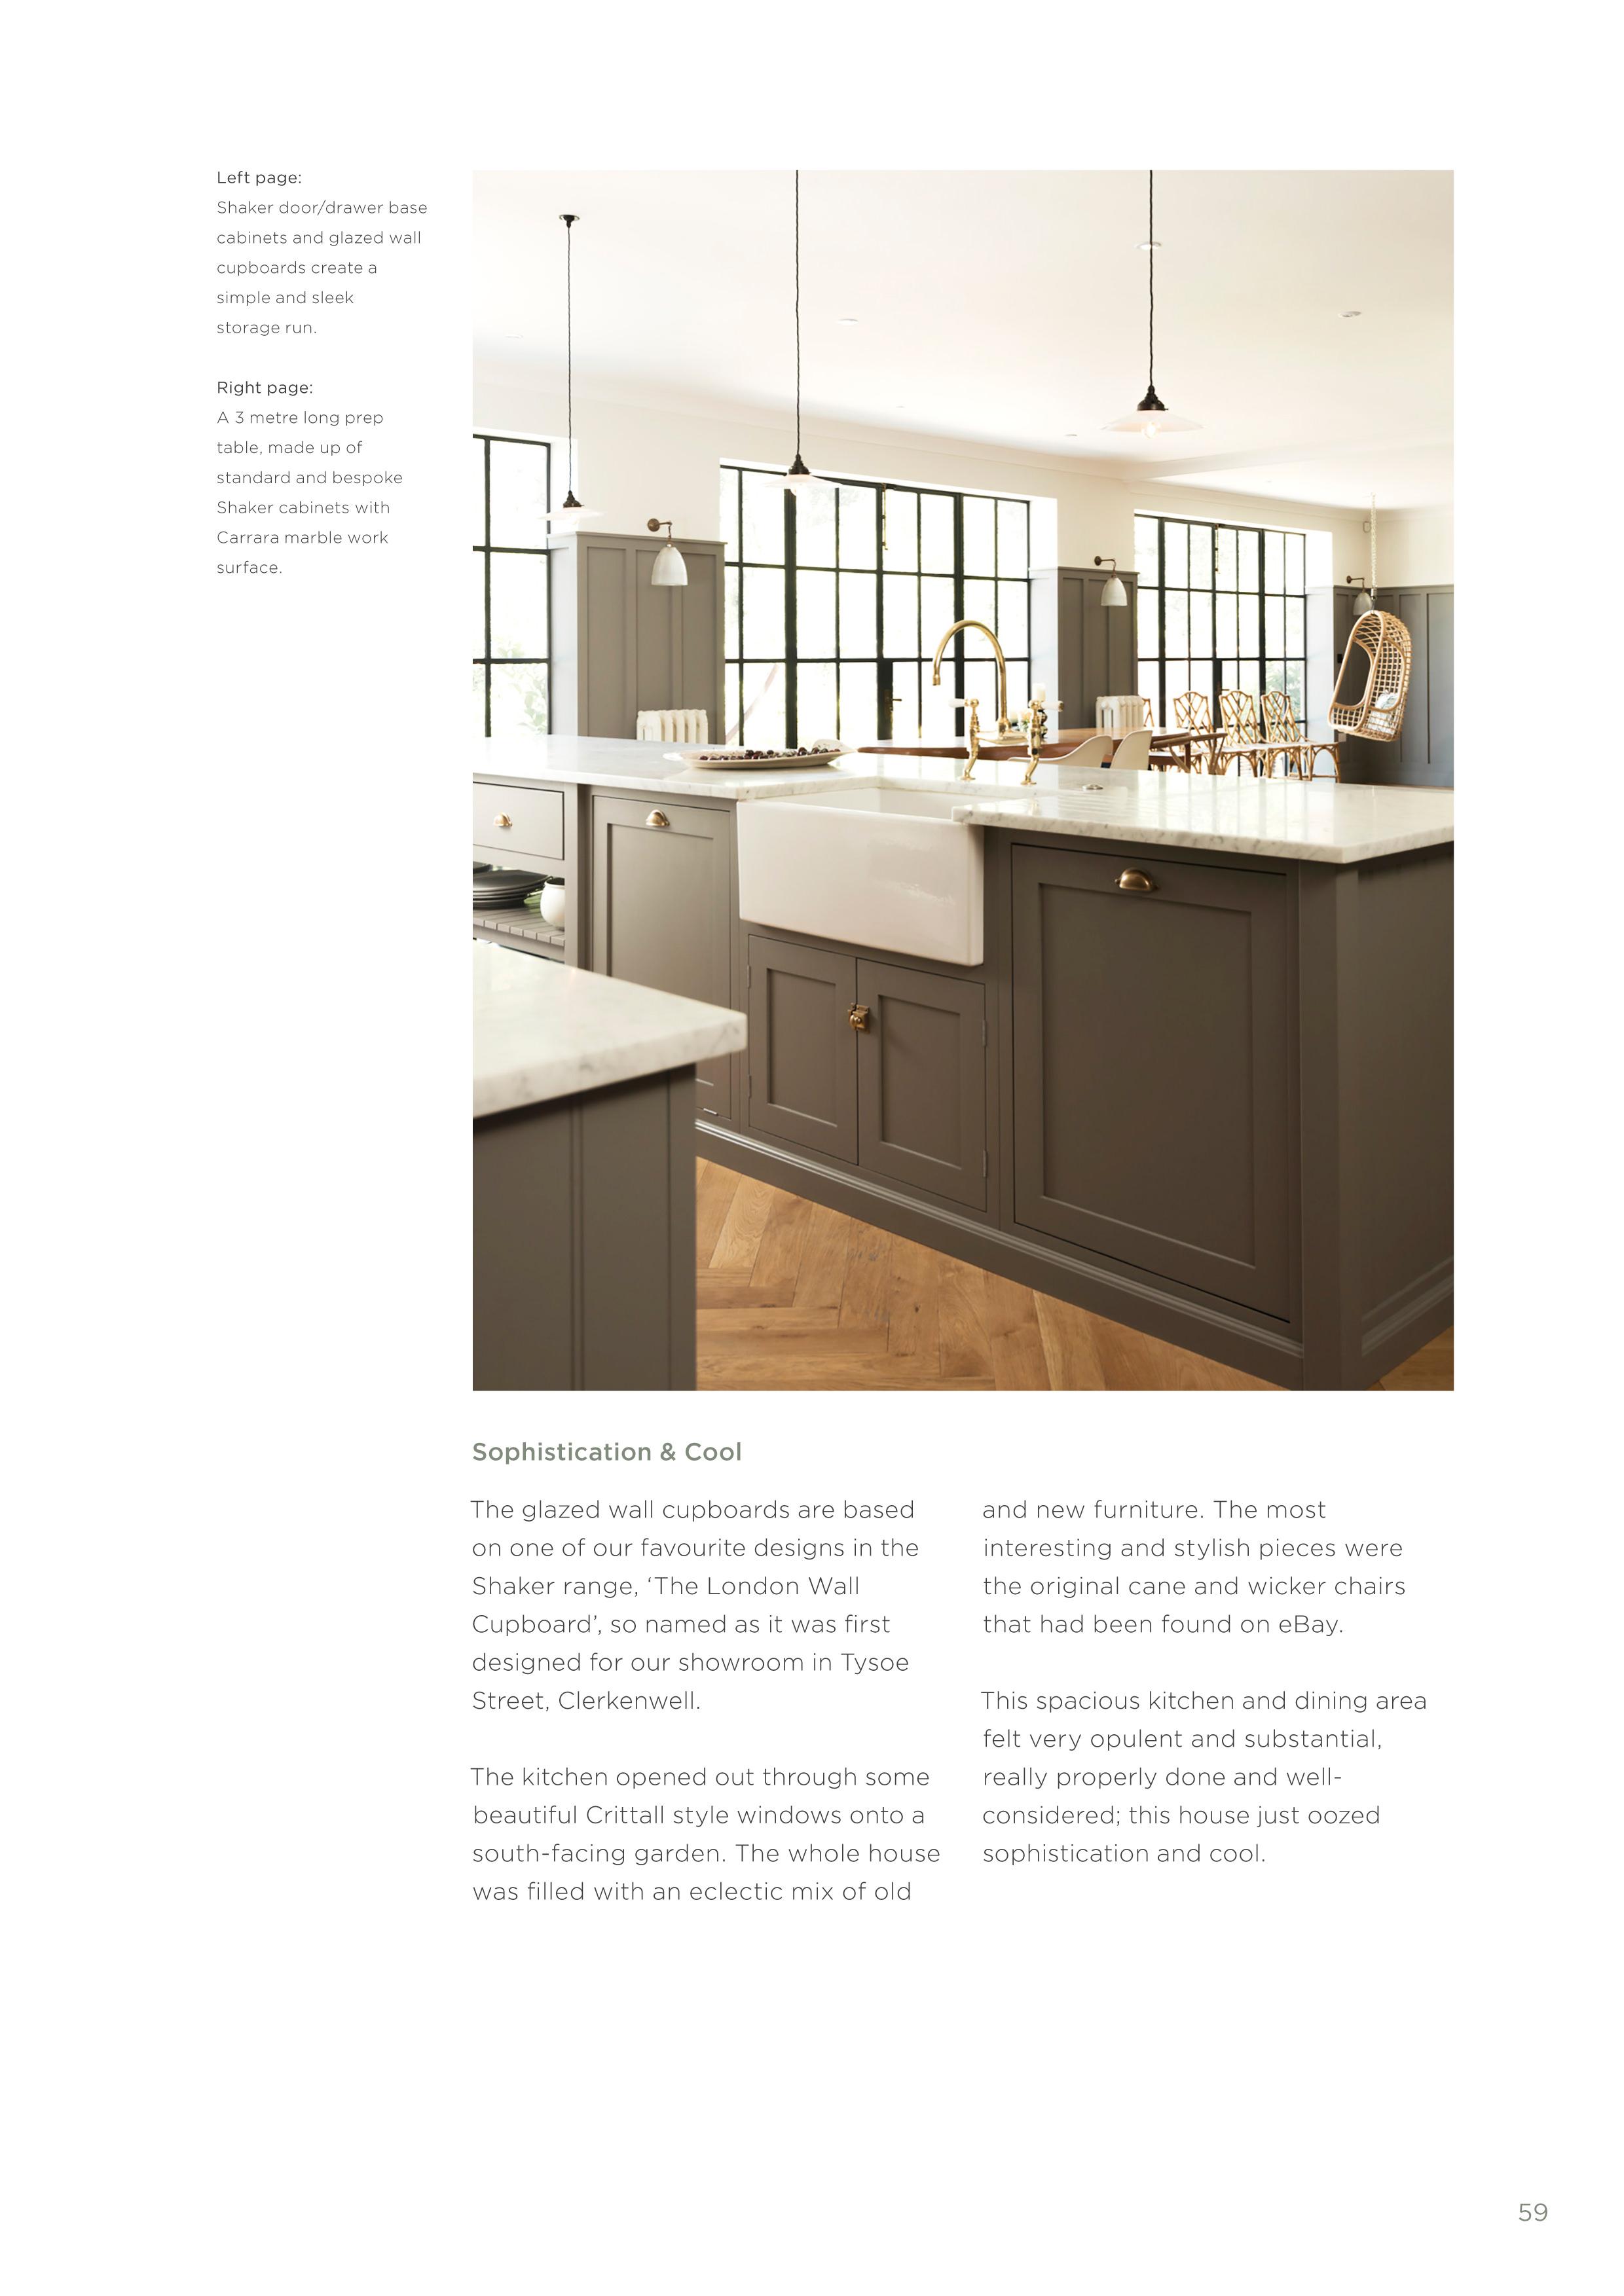 Shaker kitchen brochure devol kitchens - Shaker Kitchen Brochure Devol Kitchens Download